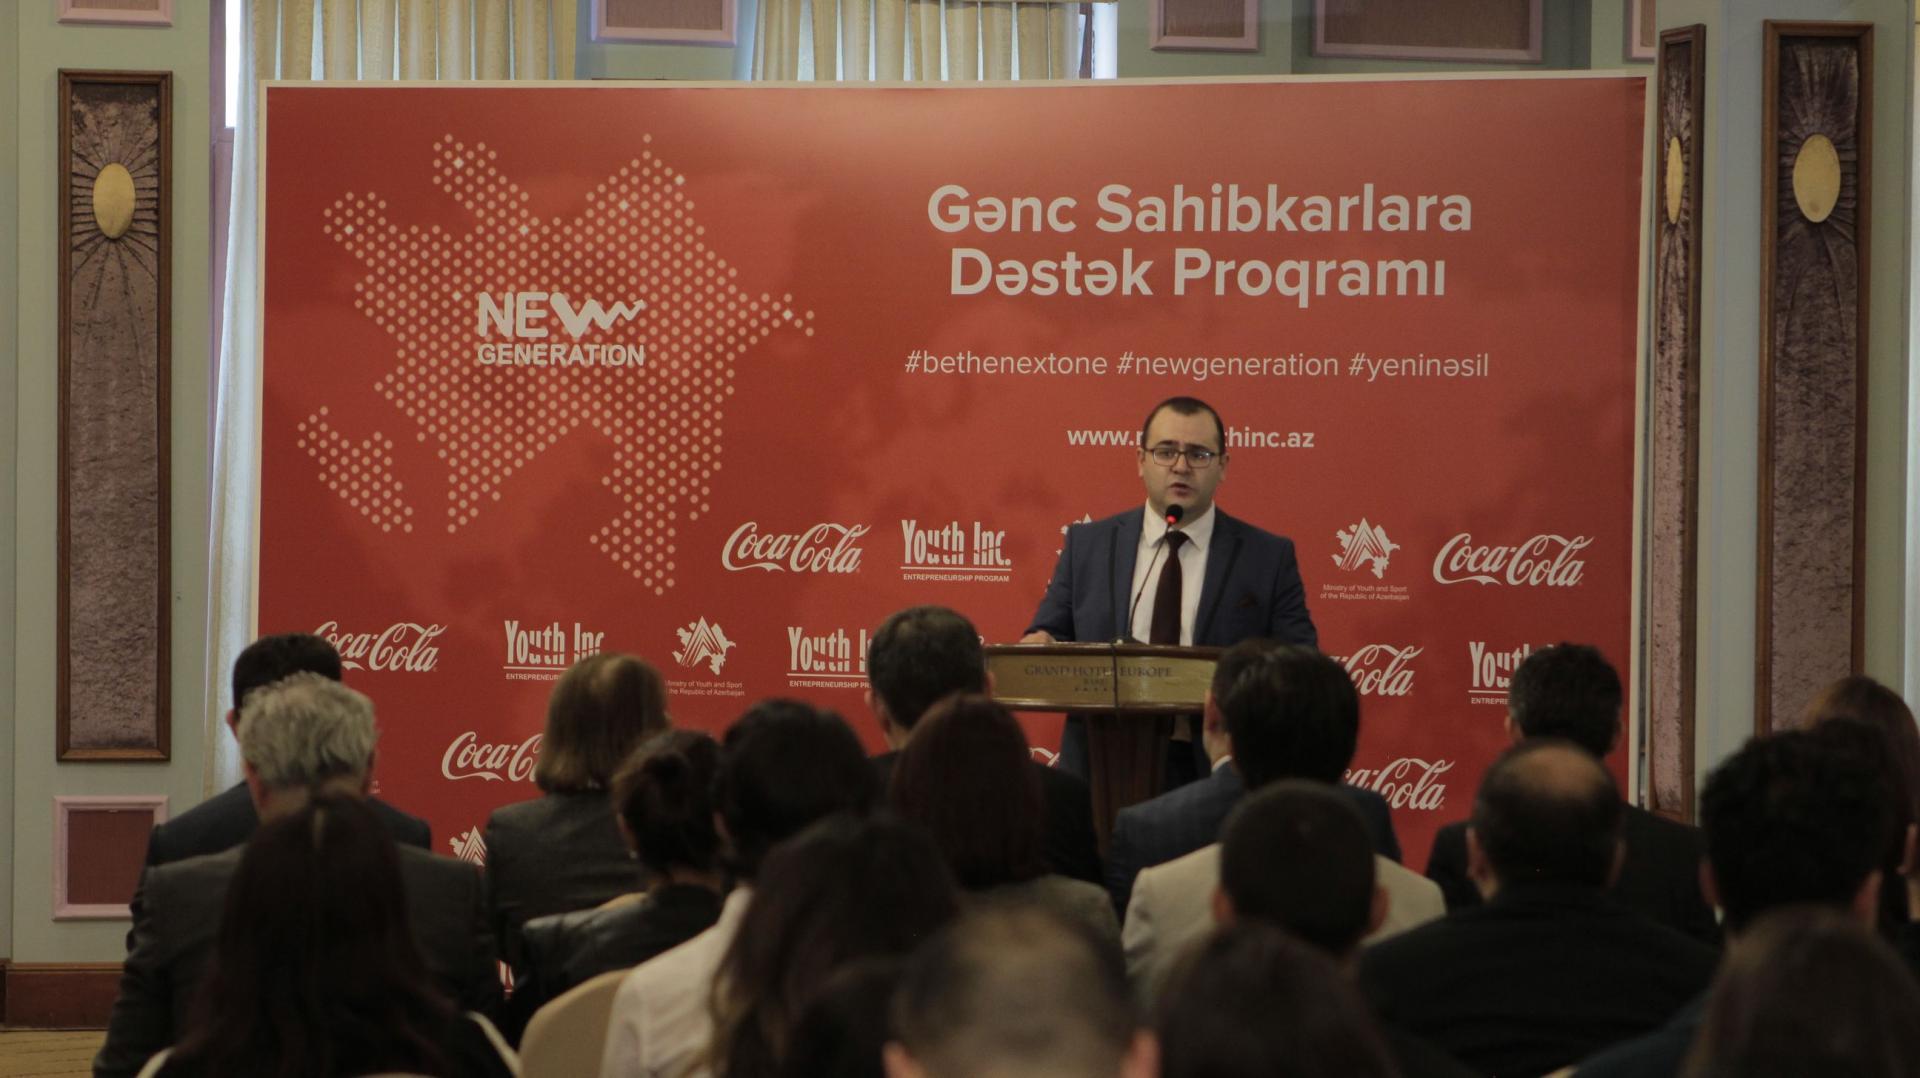 Проект поддержки молодых предпринимателей «Новое поколение» стартовал в Азербайджане (ФОТО) - Gallery Image